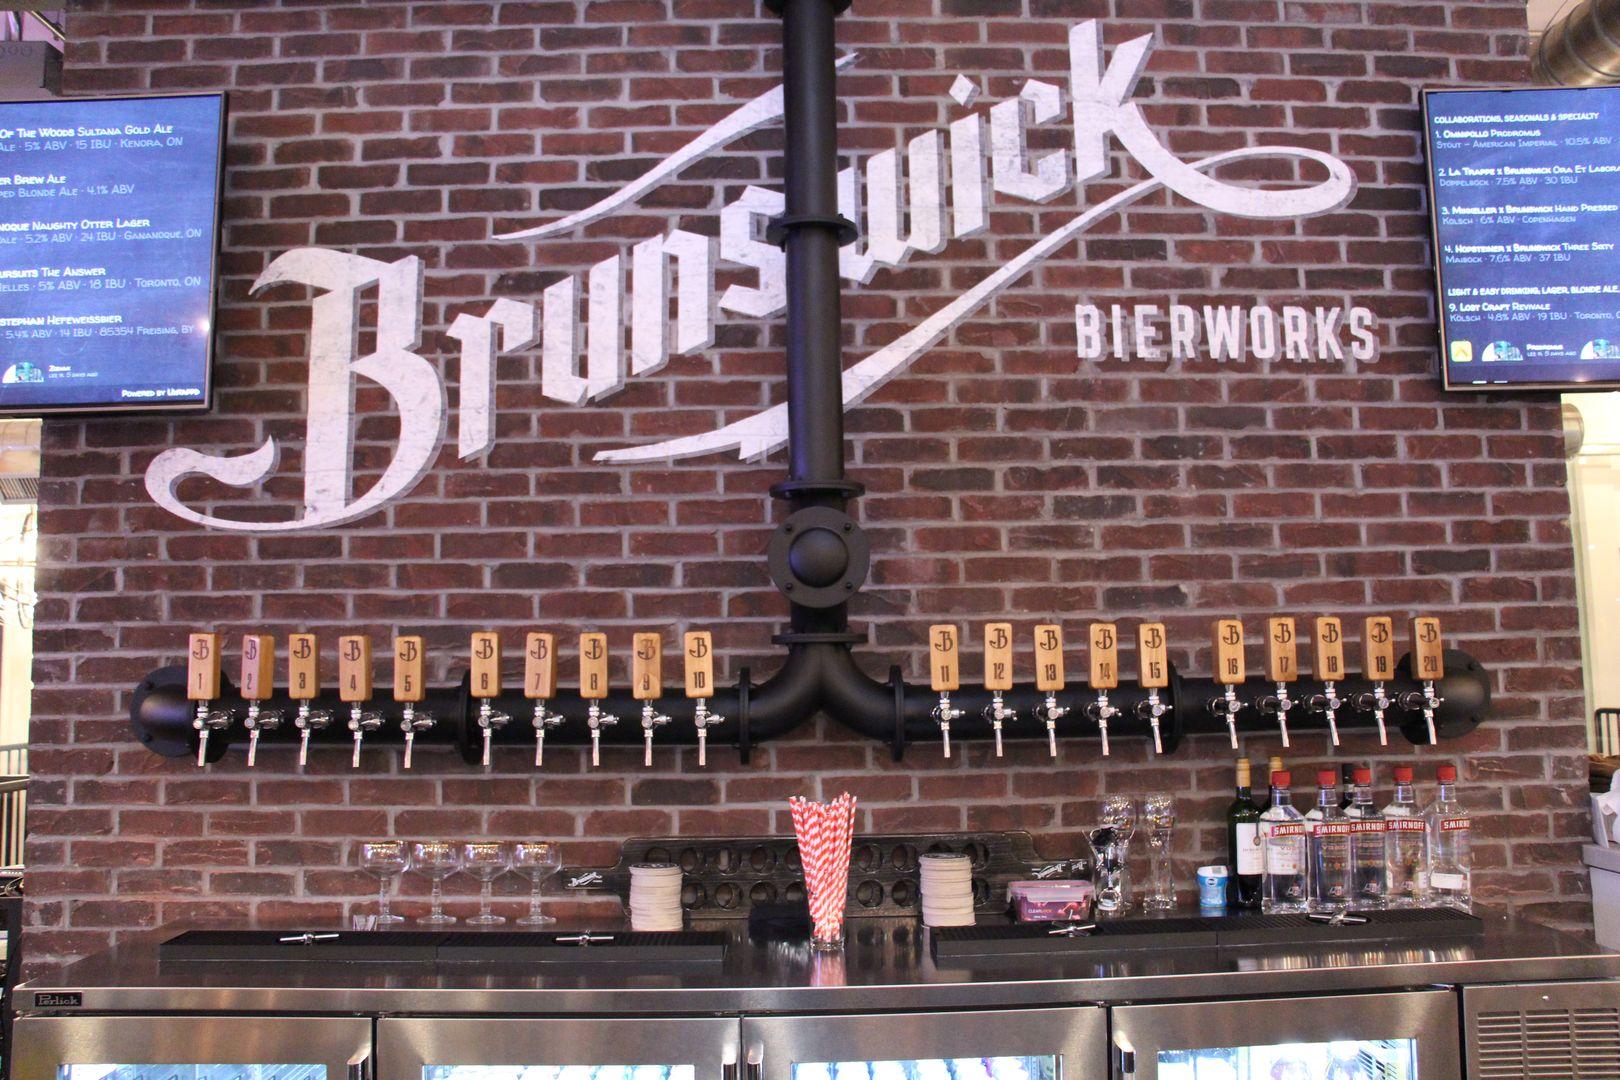 Brunswick Bierworks, Beer Taps